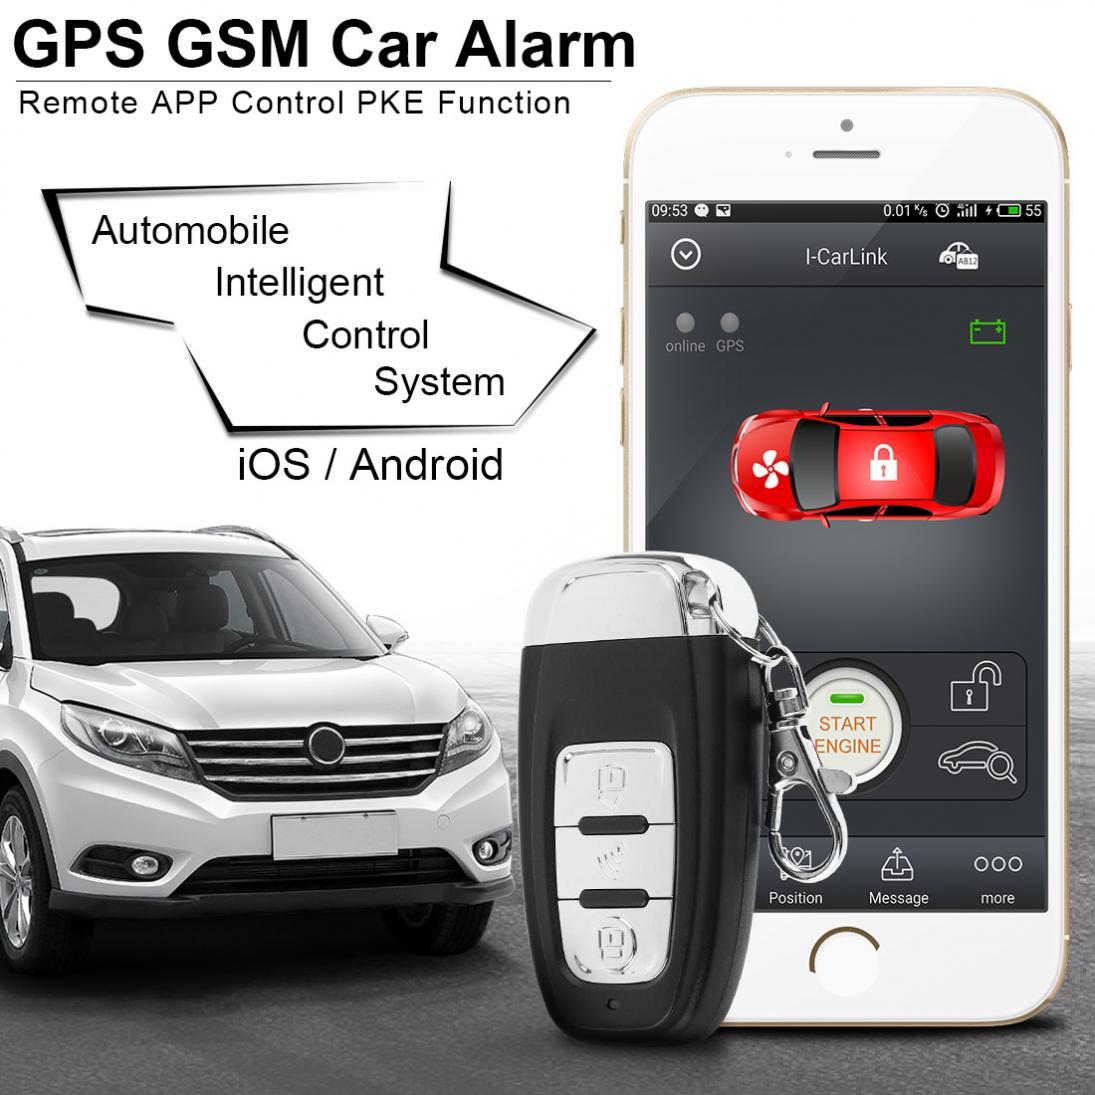 PKE Smartphone démarrage voiture alarme intelligente démarrage à distance arrêt système du moteur avec verrouillage Central automatique et alarme de Vibration